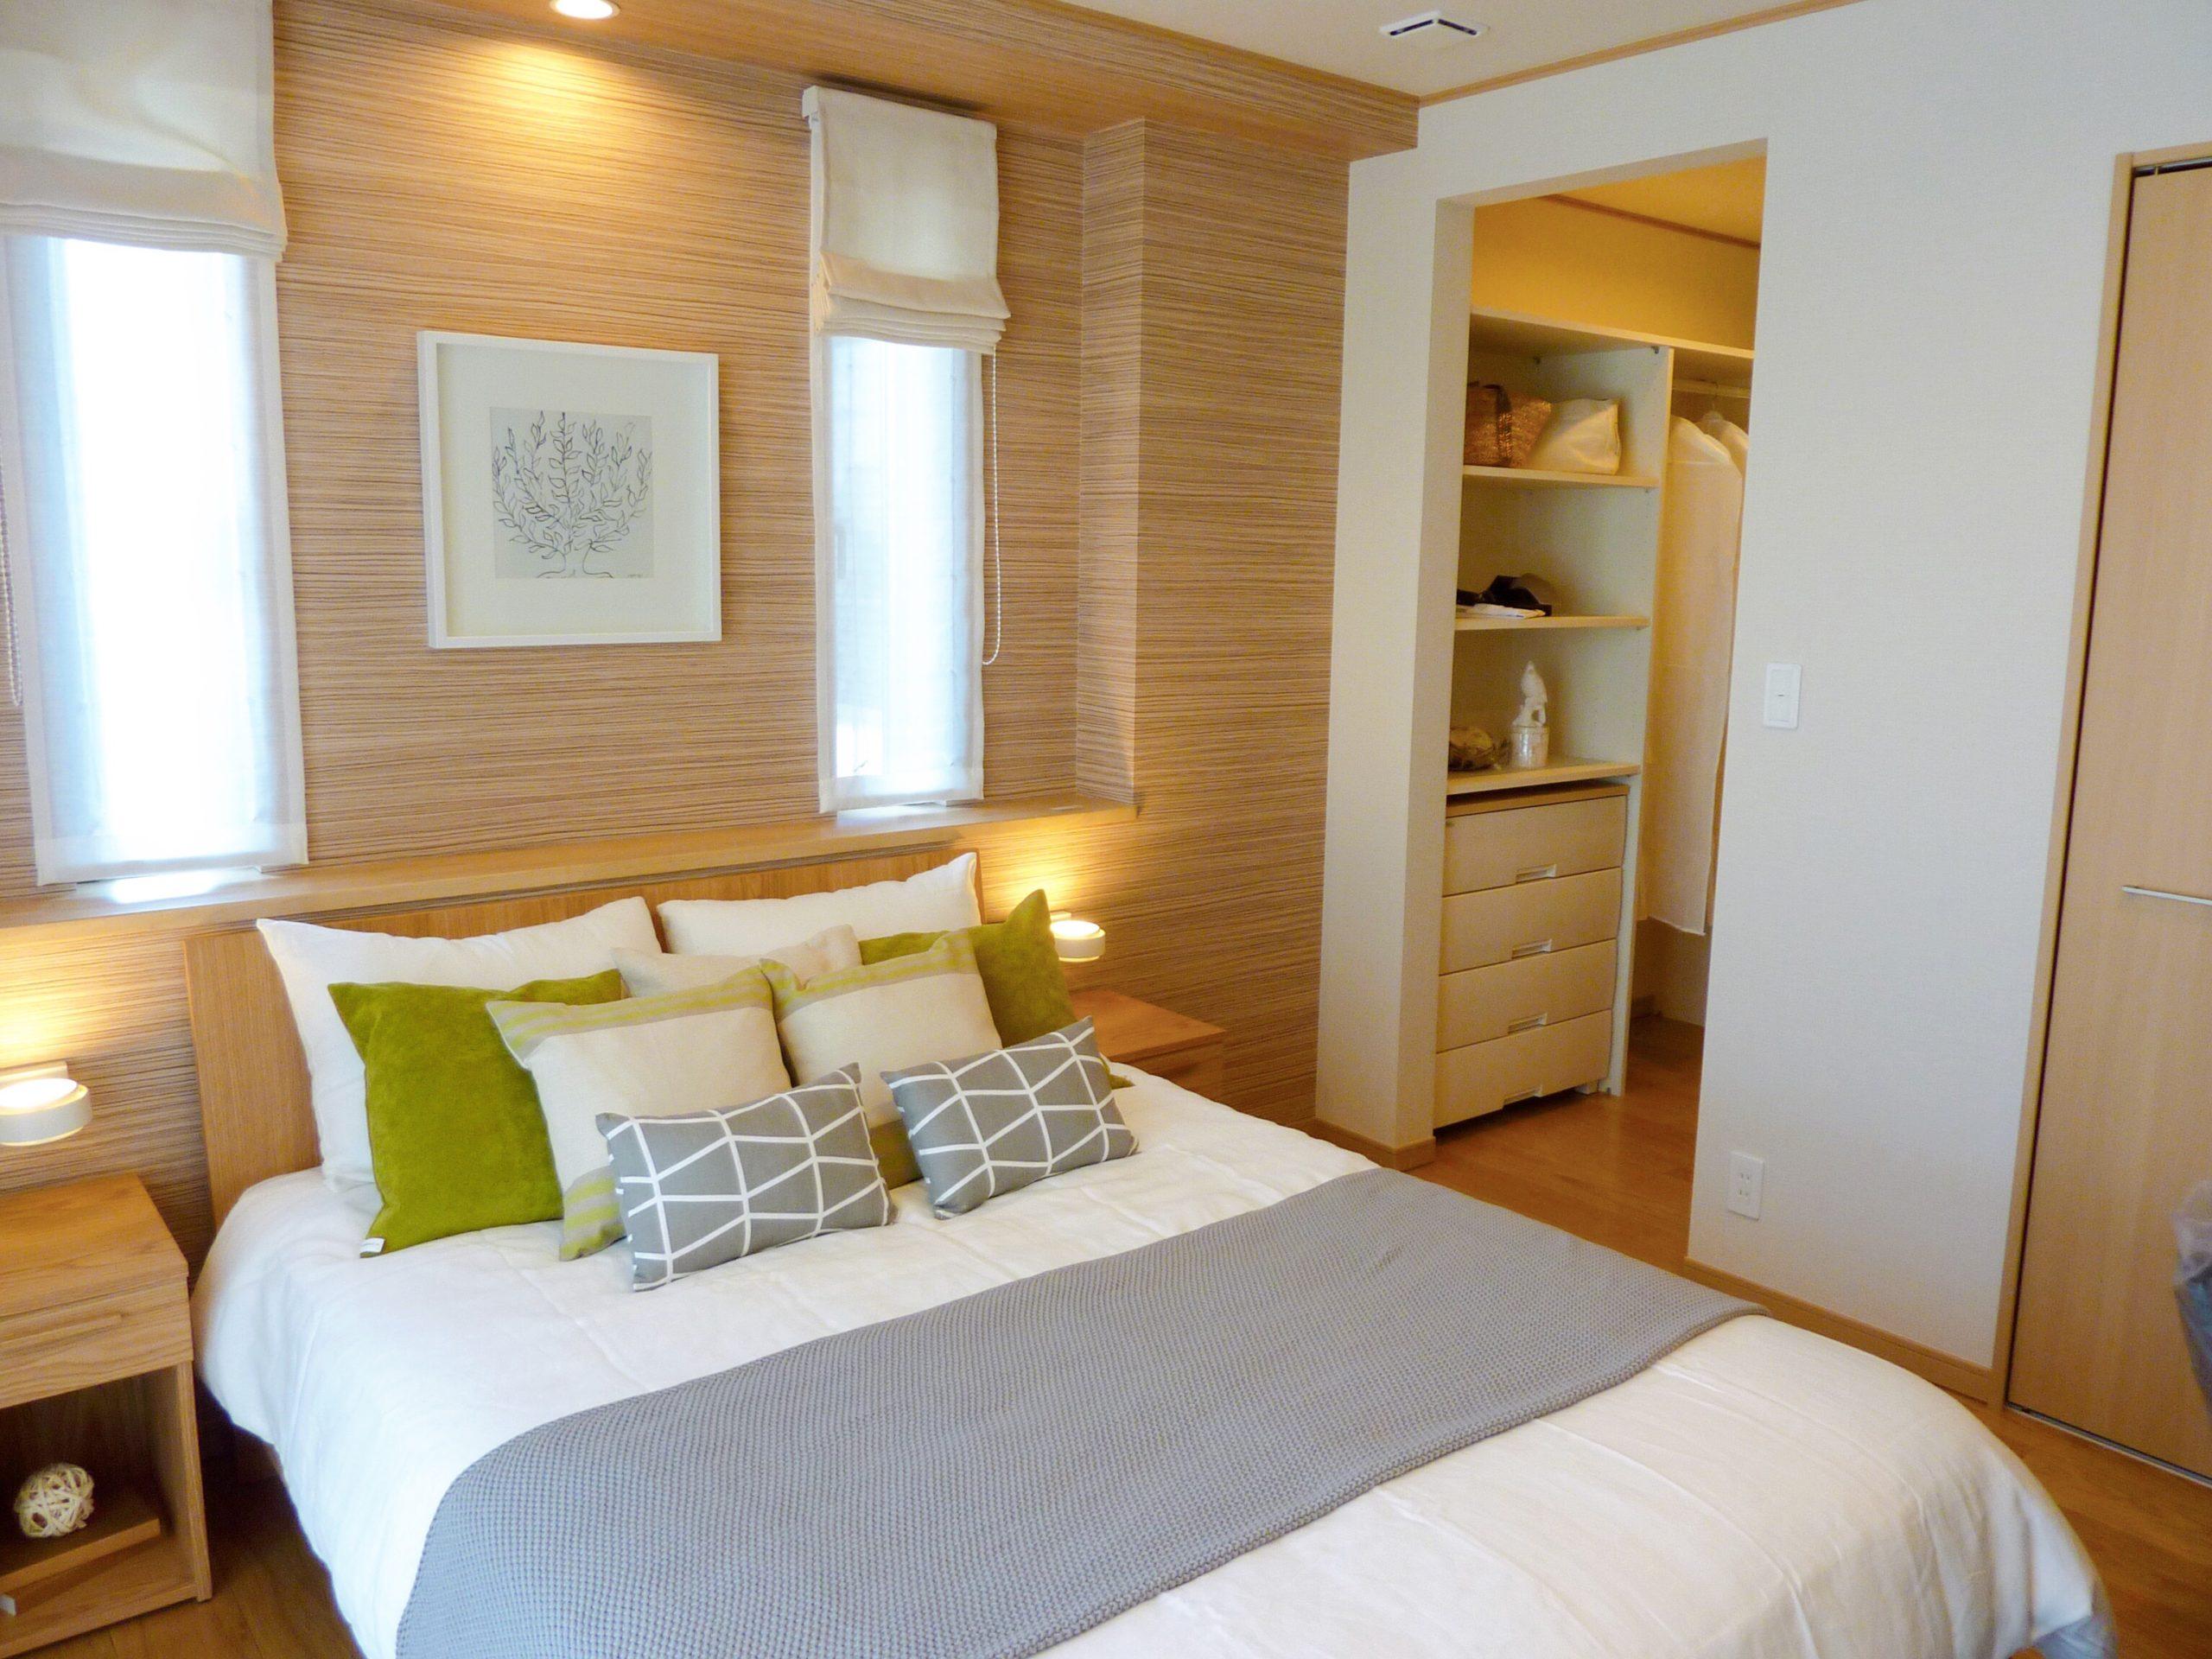 木目調クロスが温かみを演出する寝室